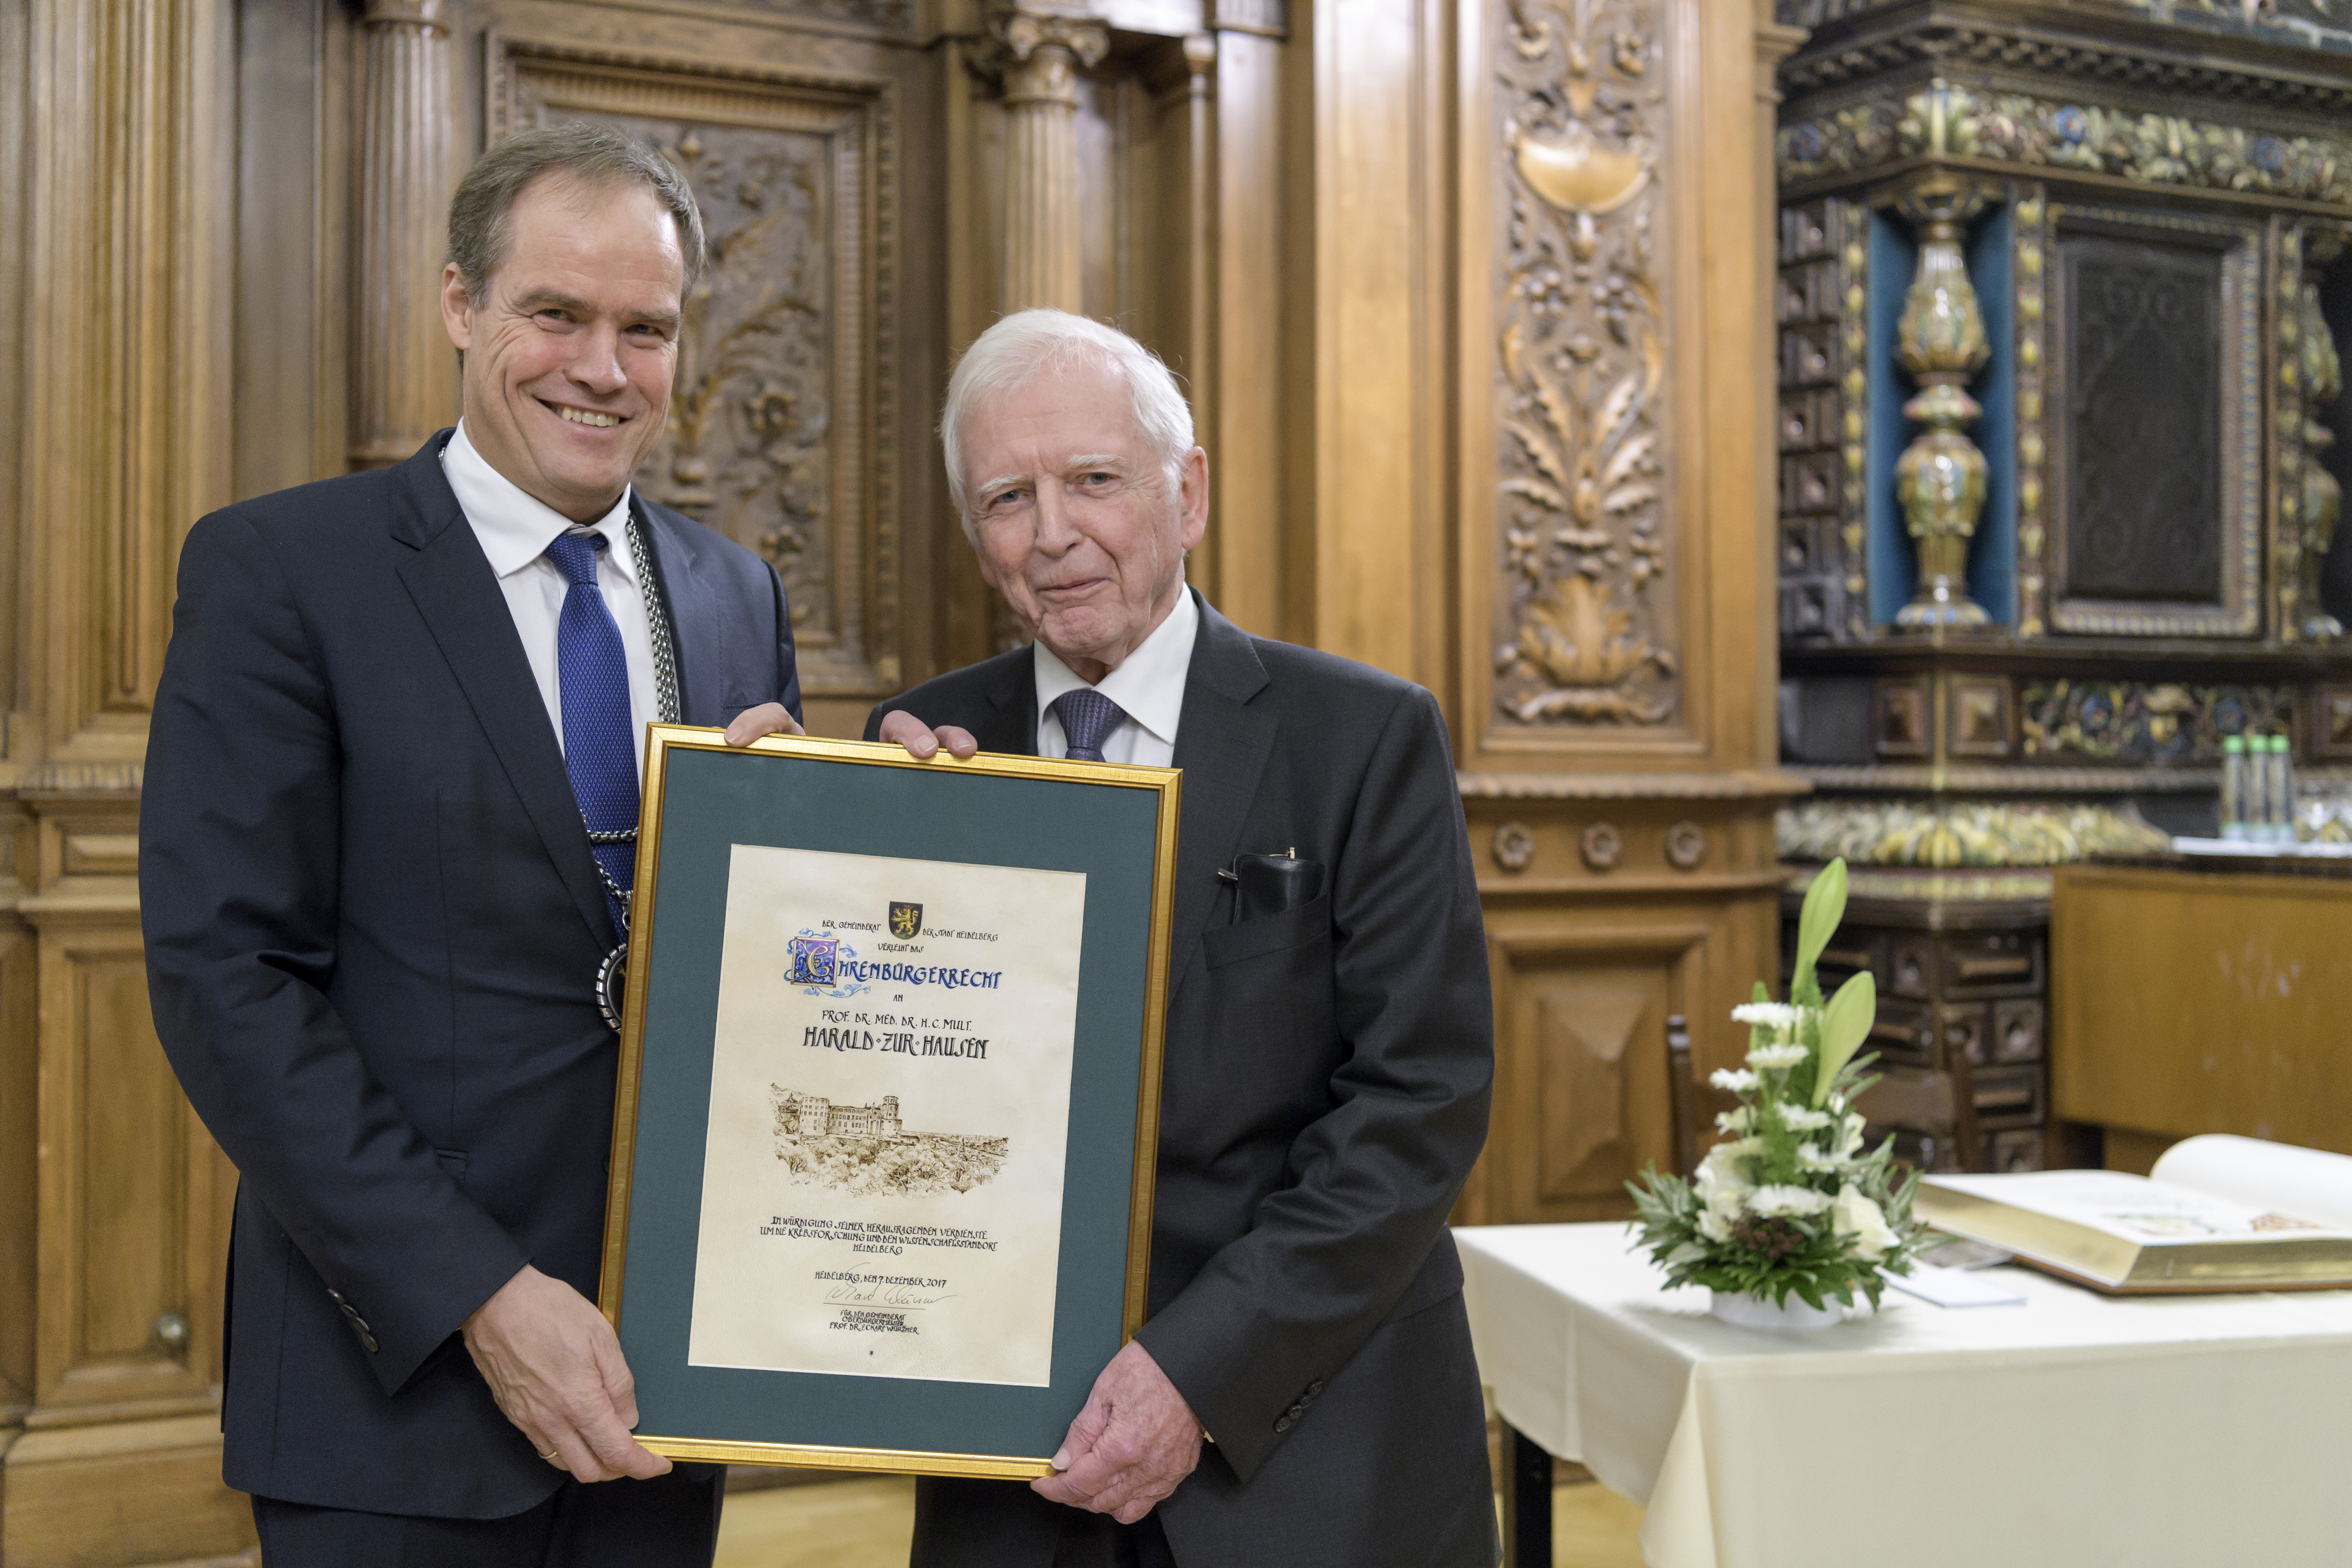 heidelberg medizin nobelpreistr ger prof dr harald zur hausen als ehrenb rger der stadt. Black Bedroom Furniture Sets. Home Design Ideas